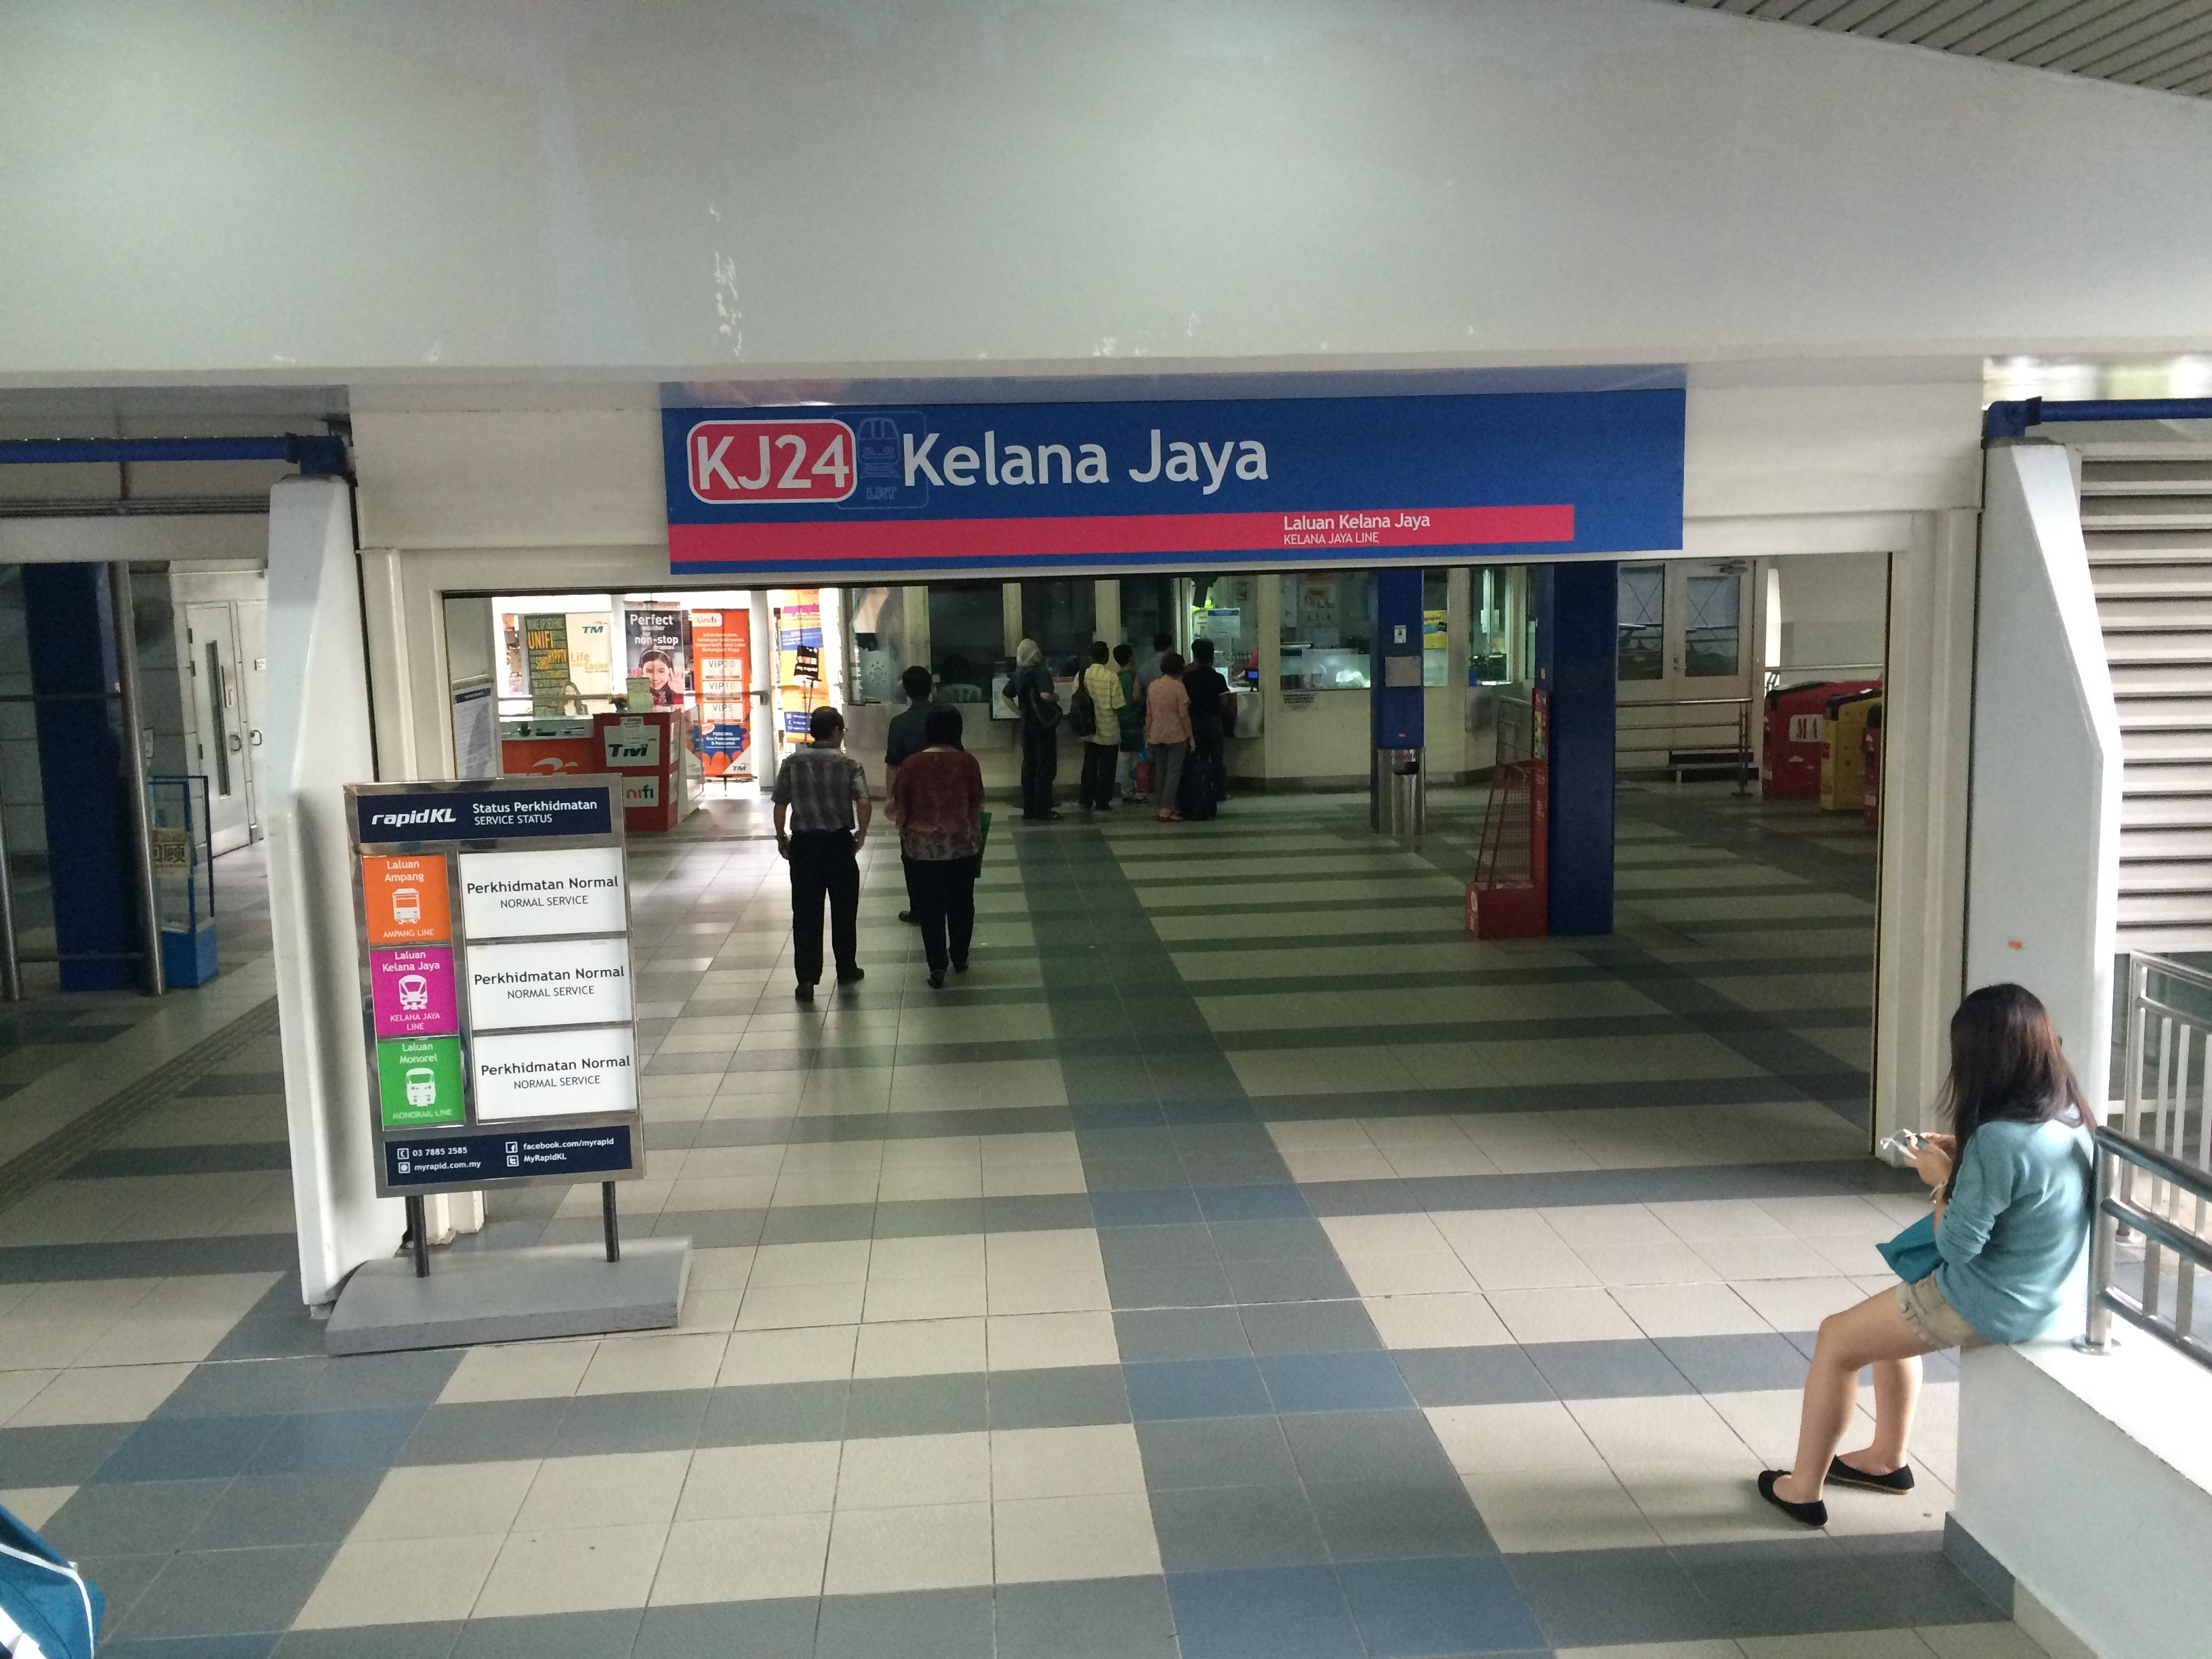 クラナ・ジャヤ駅